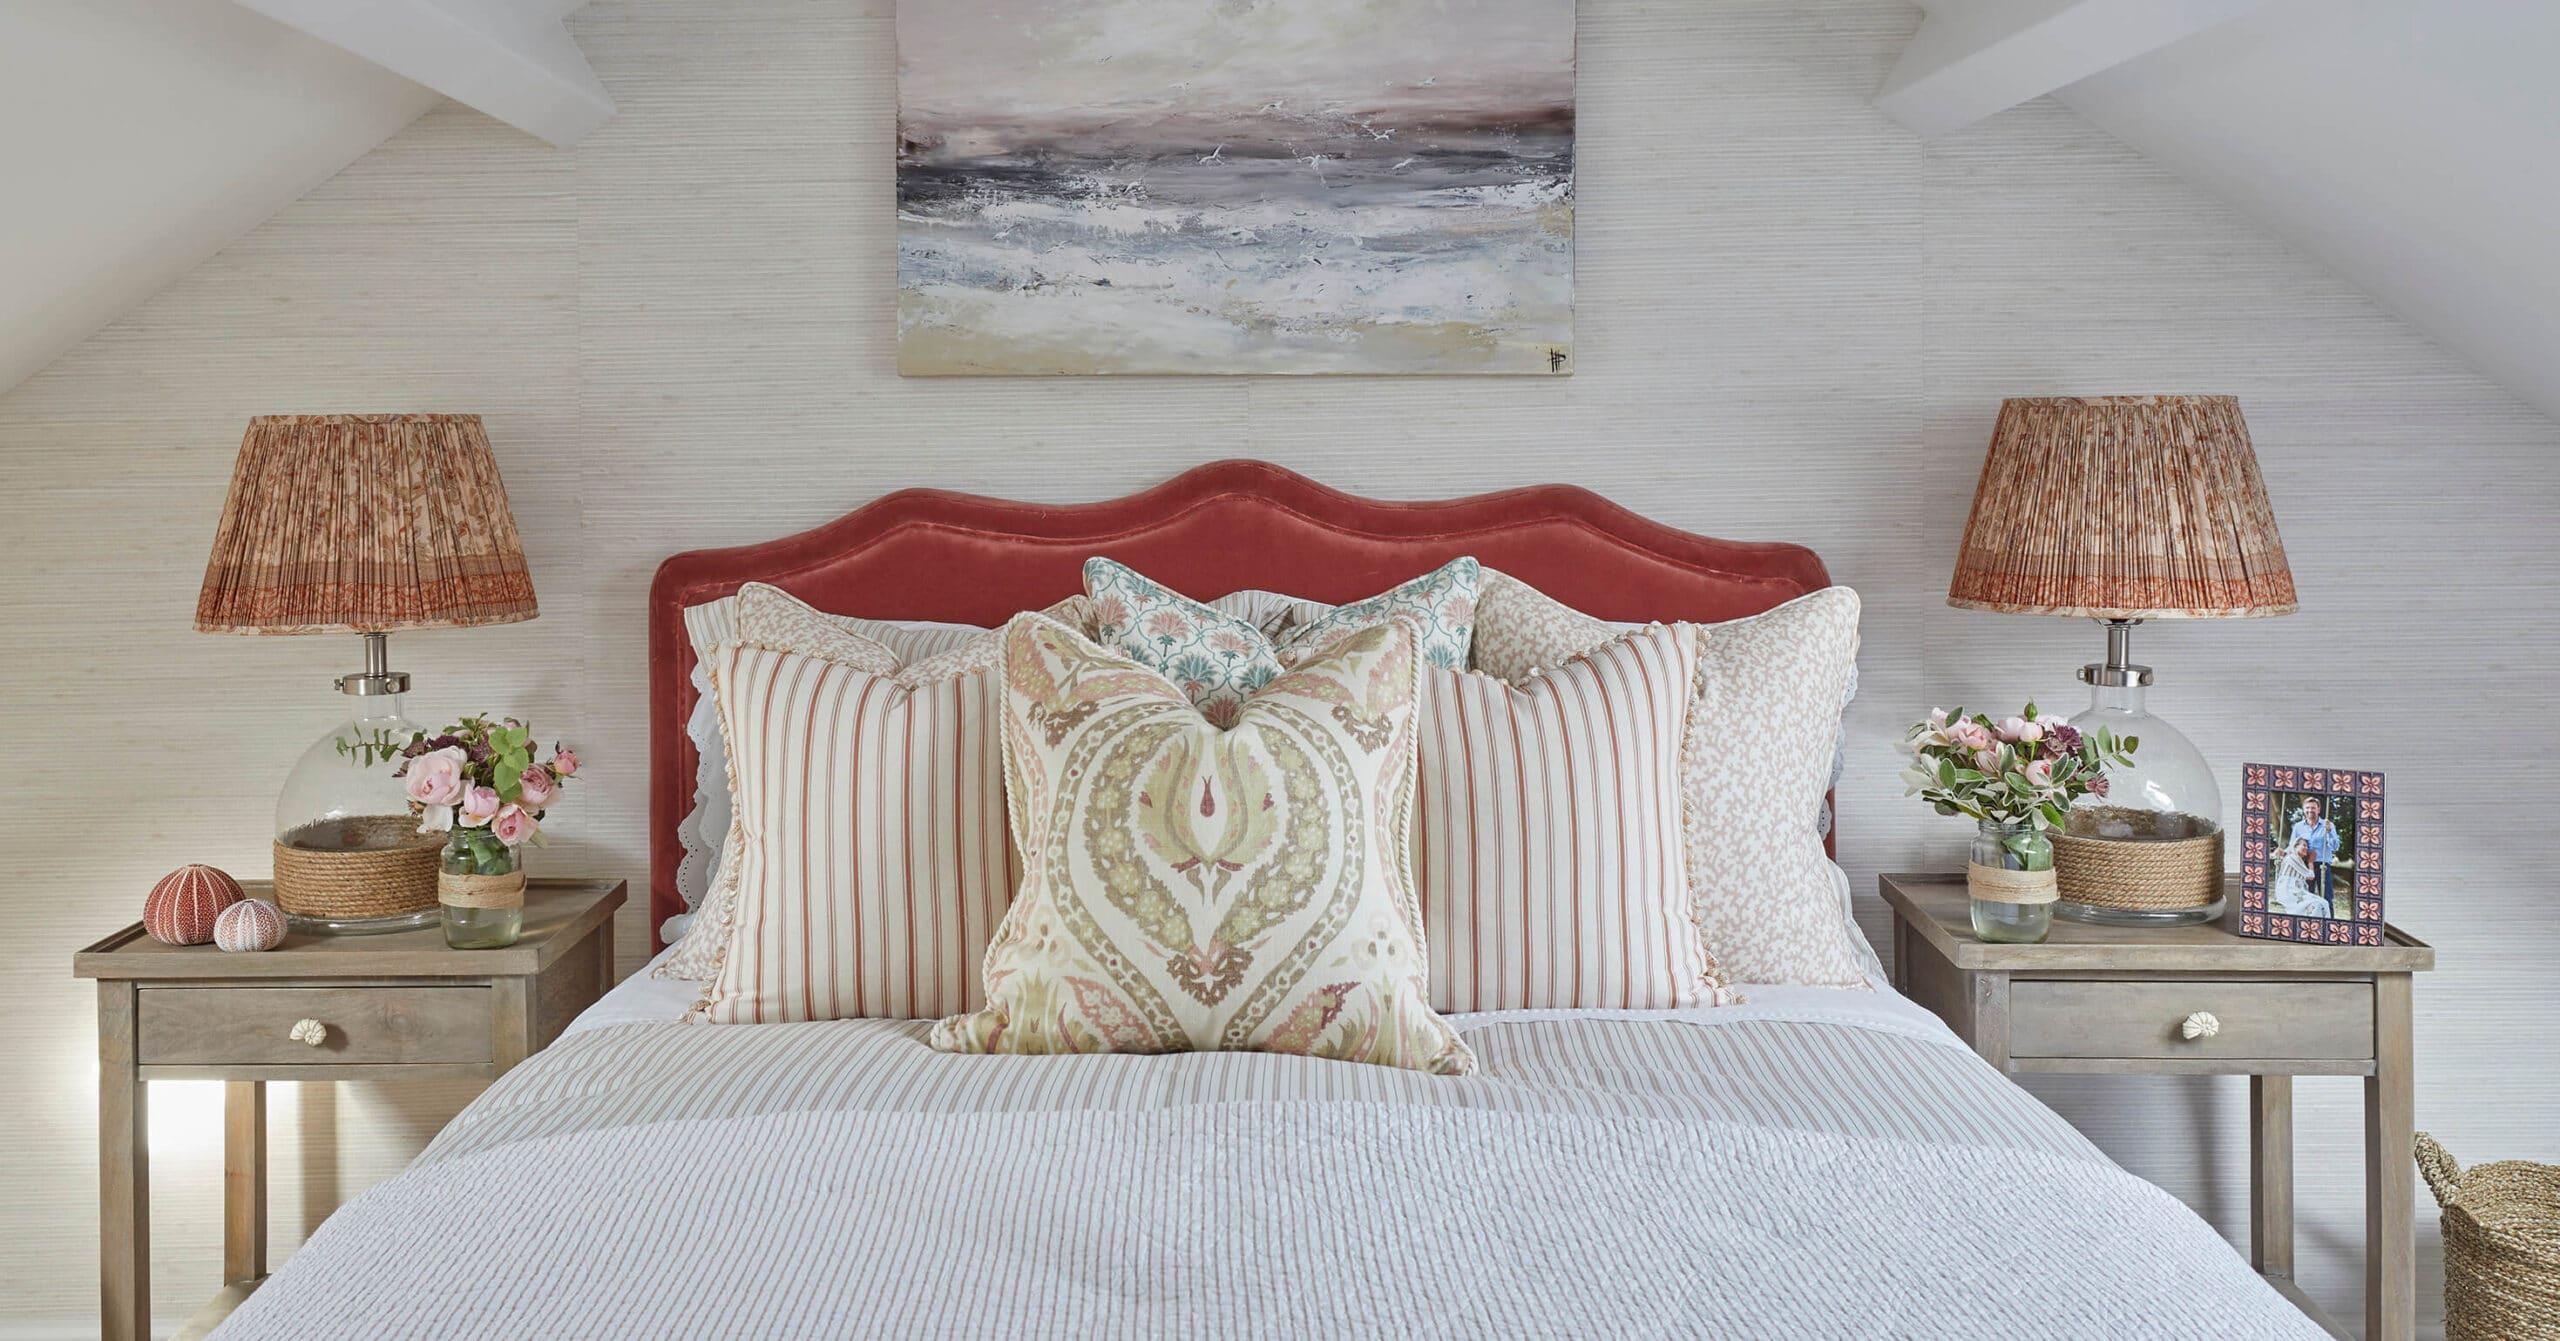 Bedroom in Devon design project